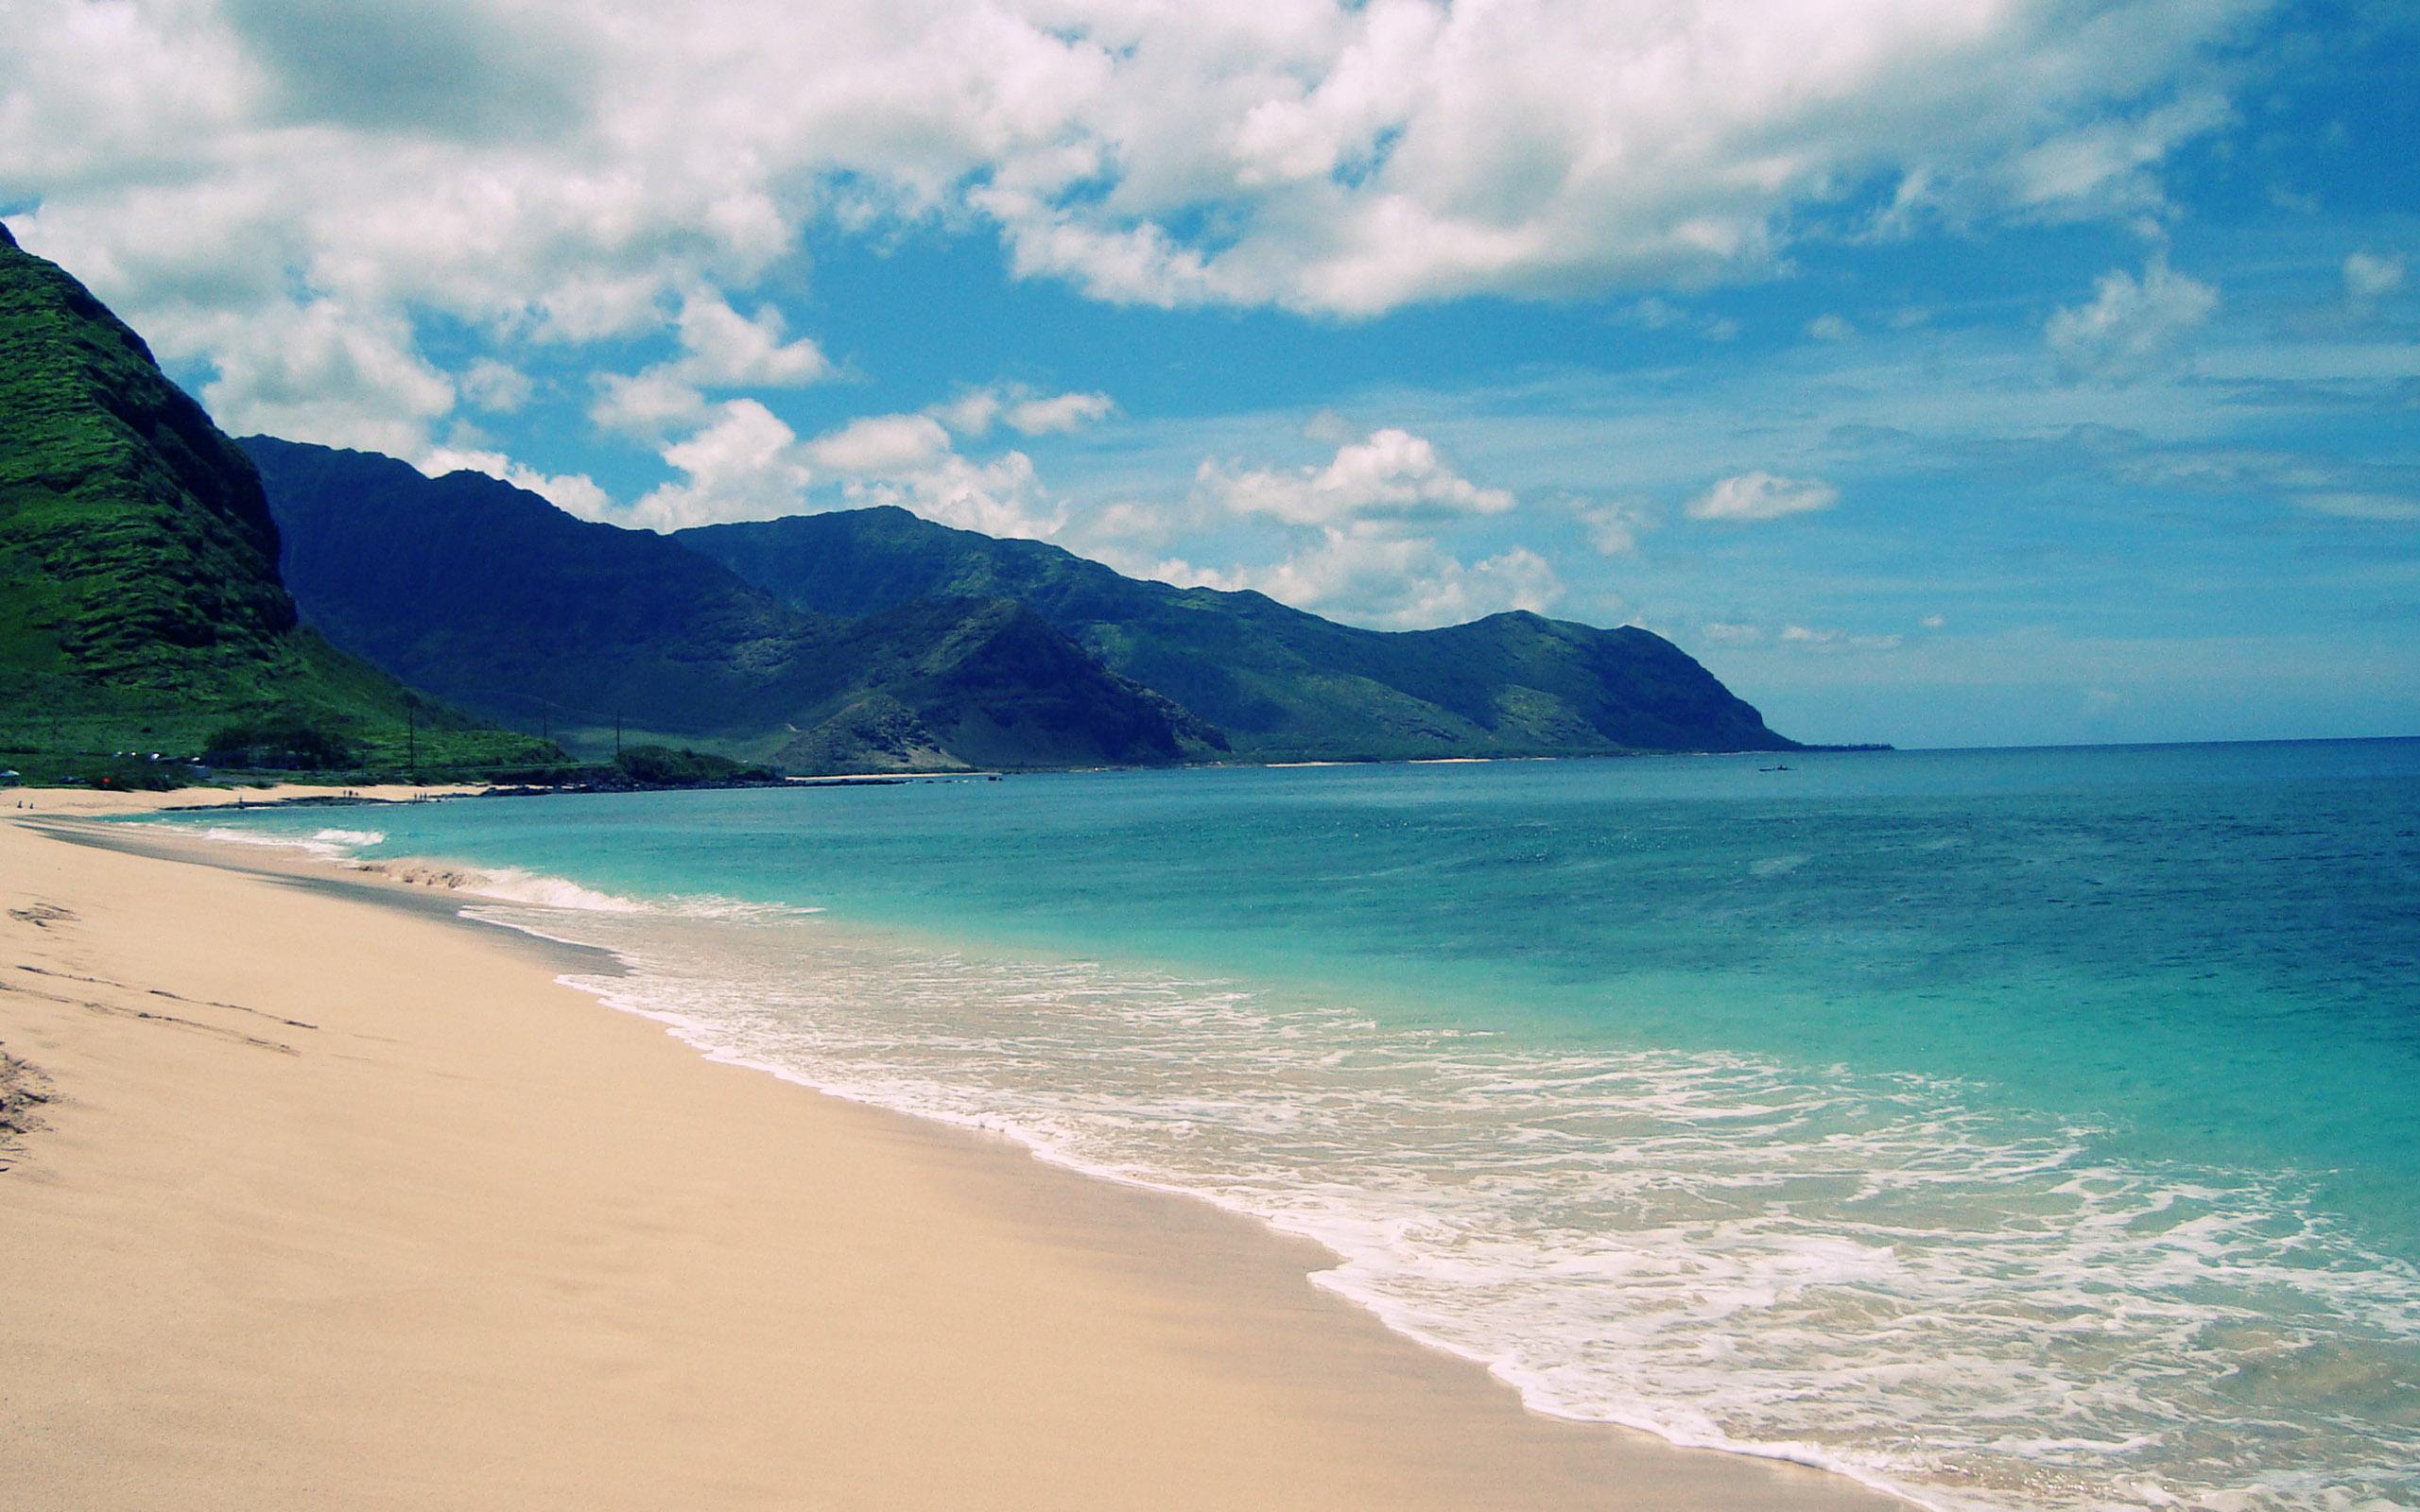 Hawaii Desktop Wallpaper Beach Images